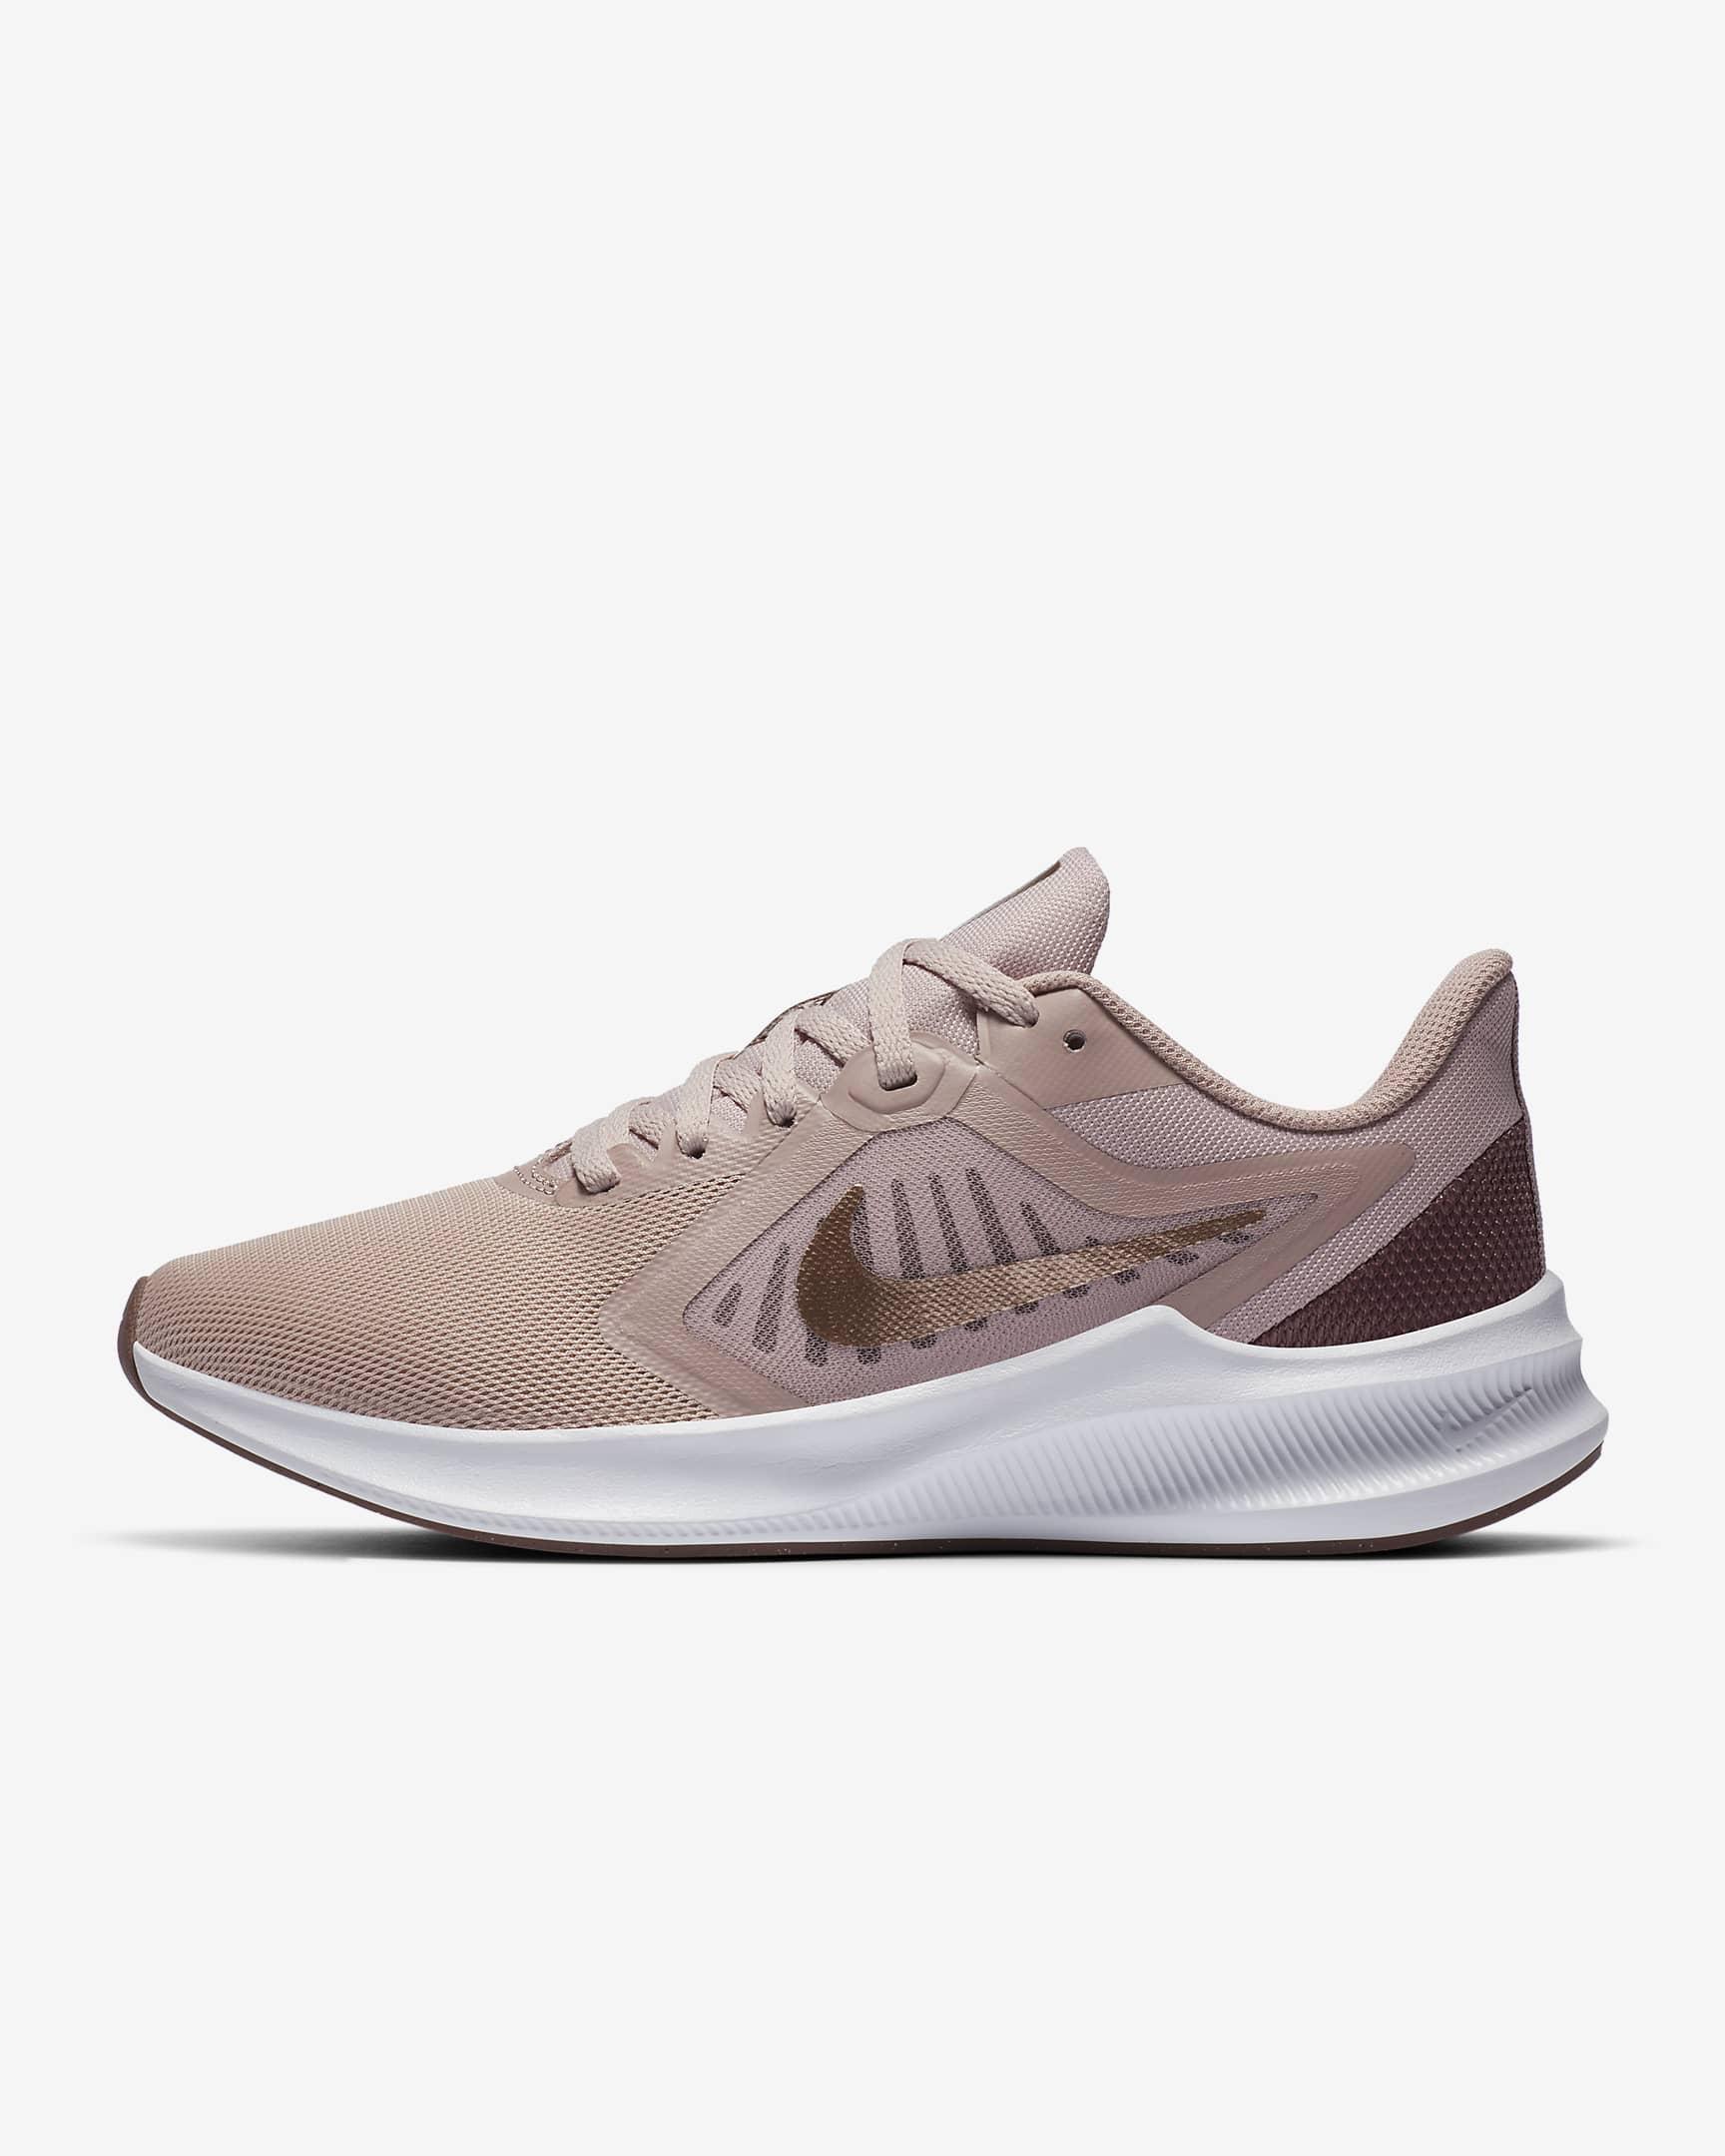 Nike | NIKE WMNS DOWNSHIFTE RUNNING SHOE